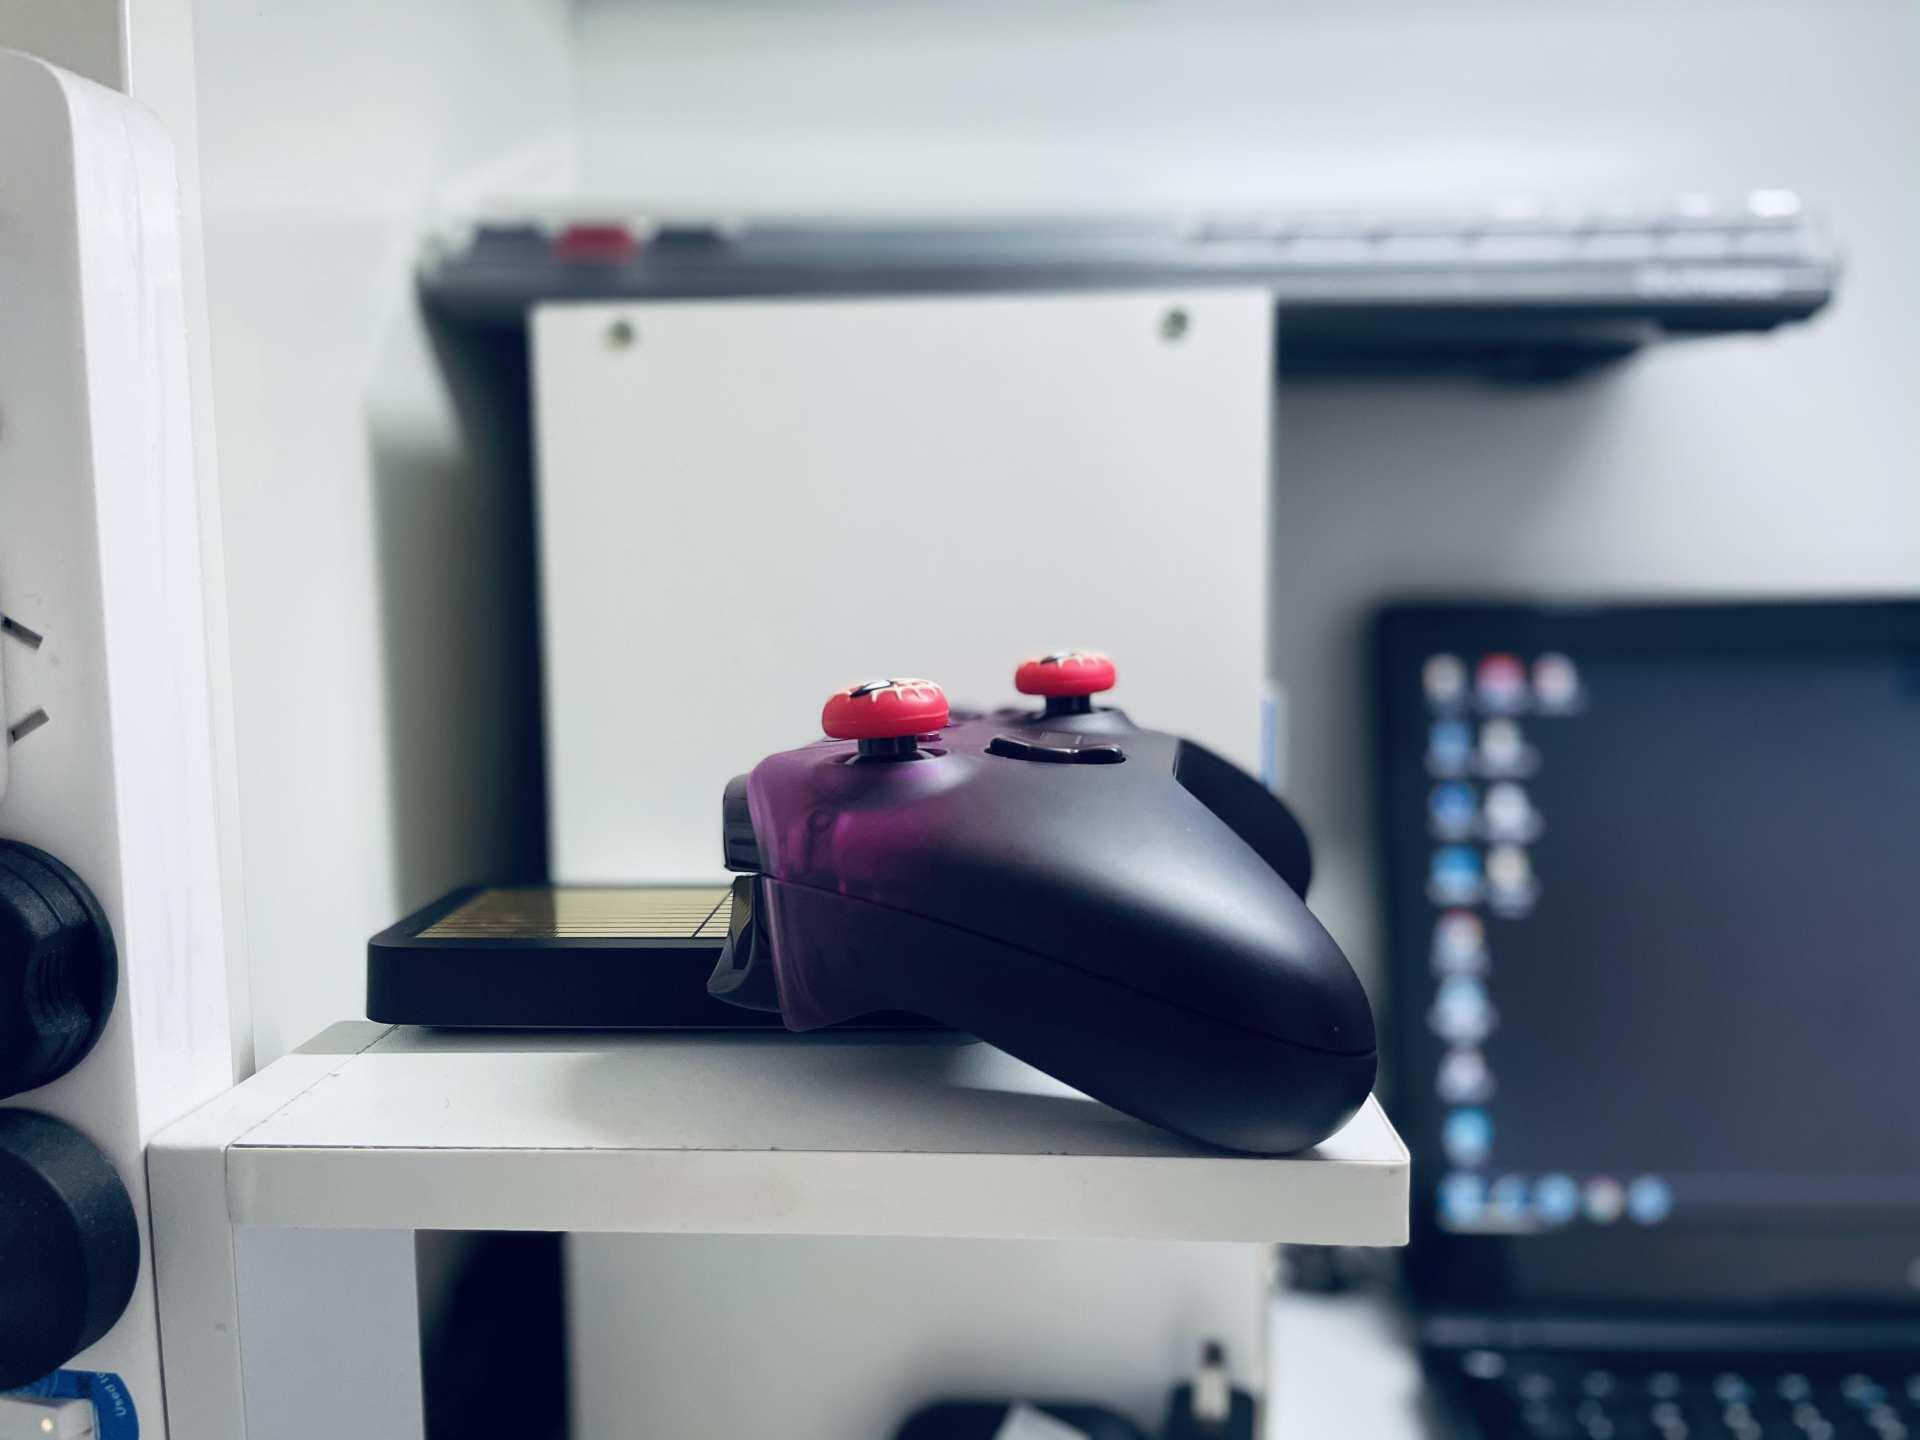 游戏手柄变无线,无线充电桌面进化,用了回不去